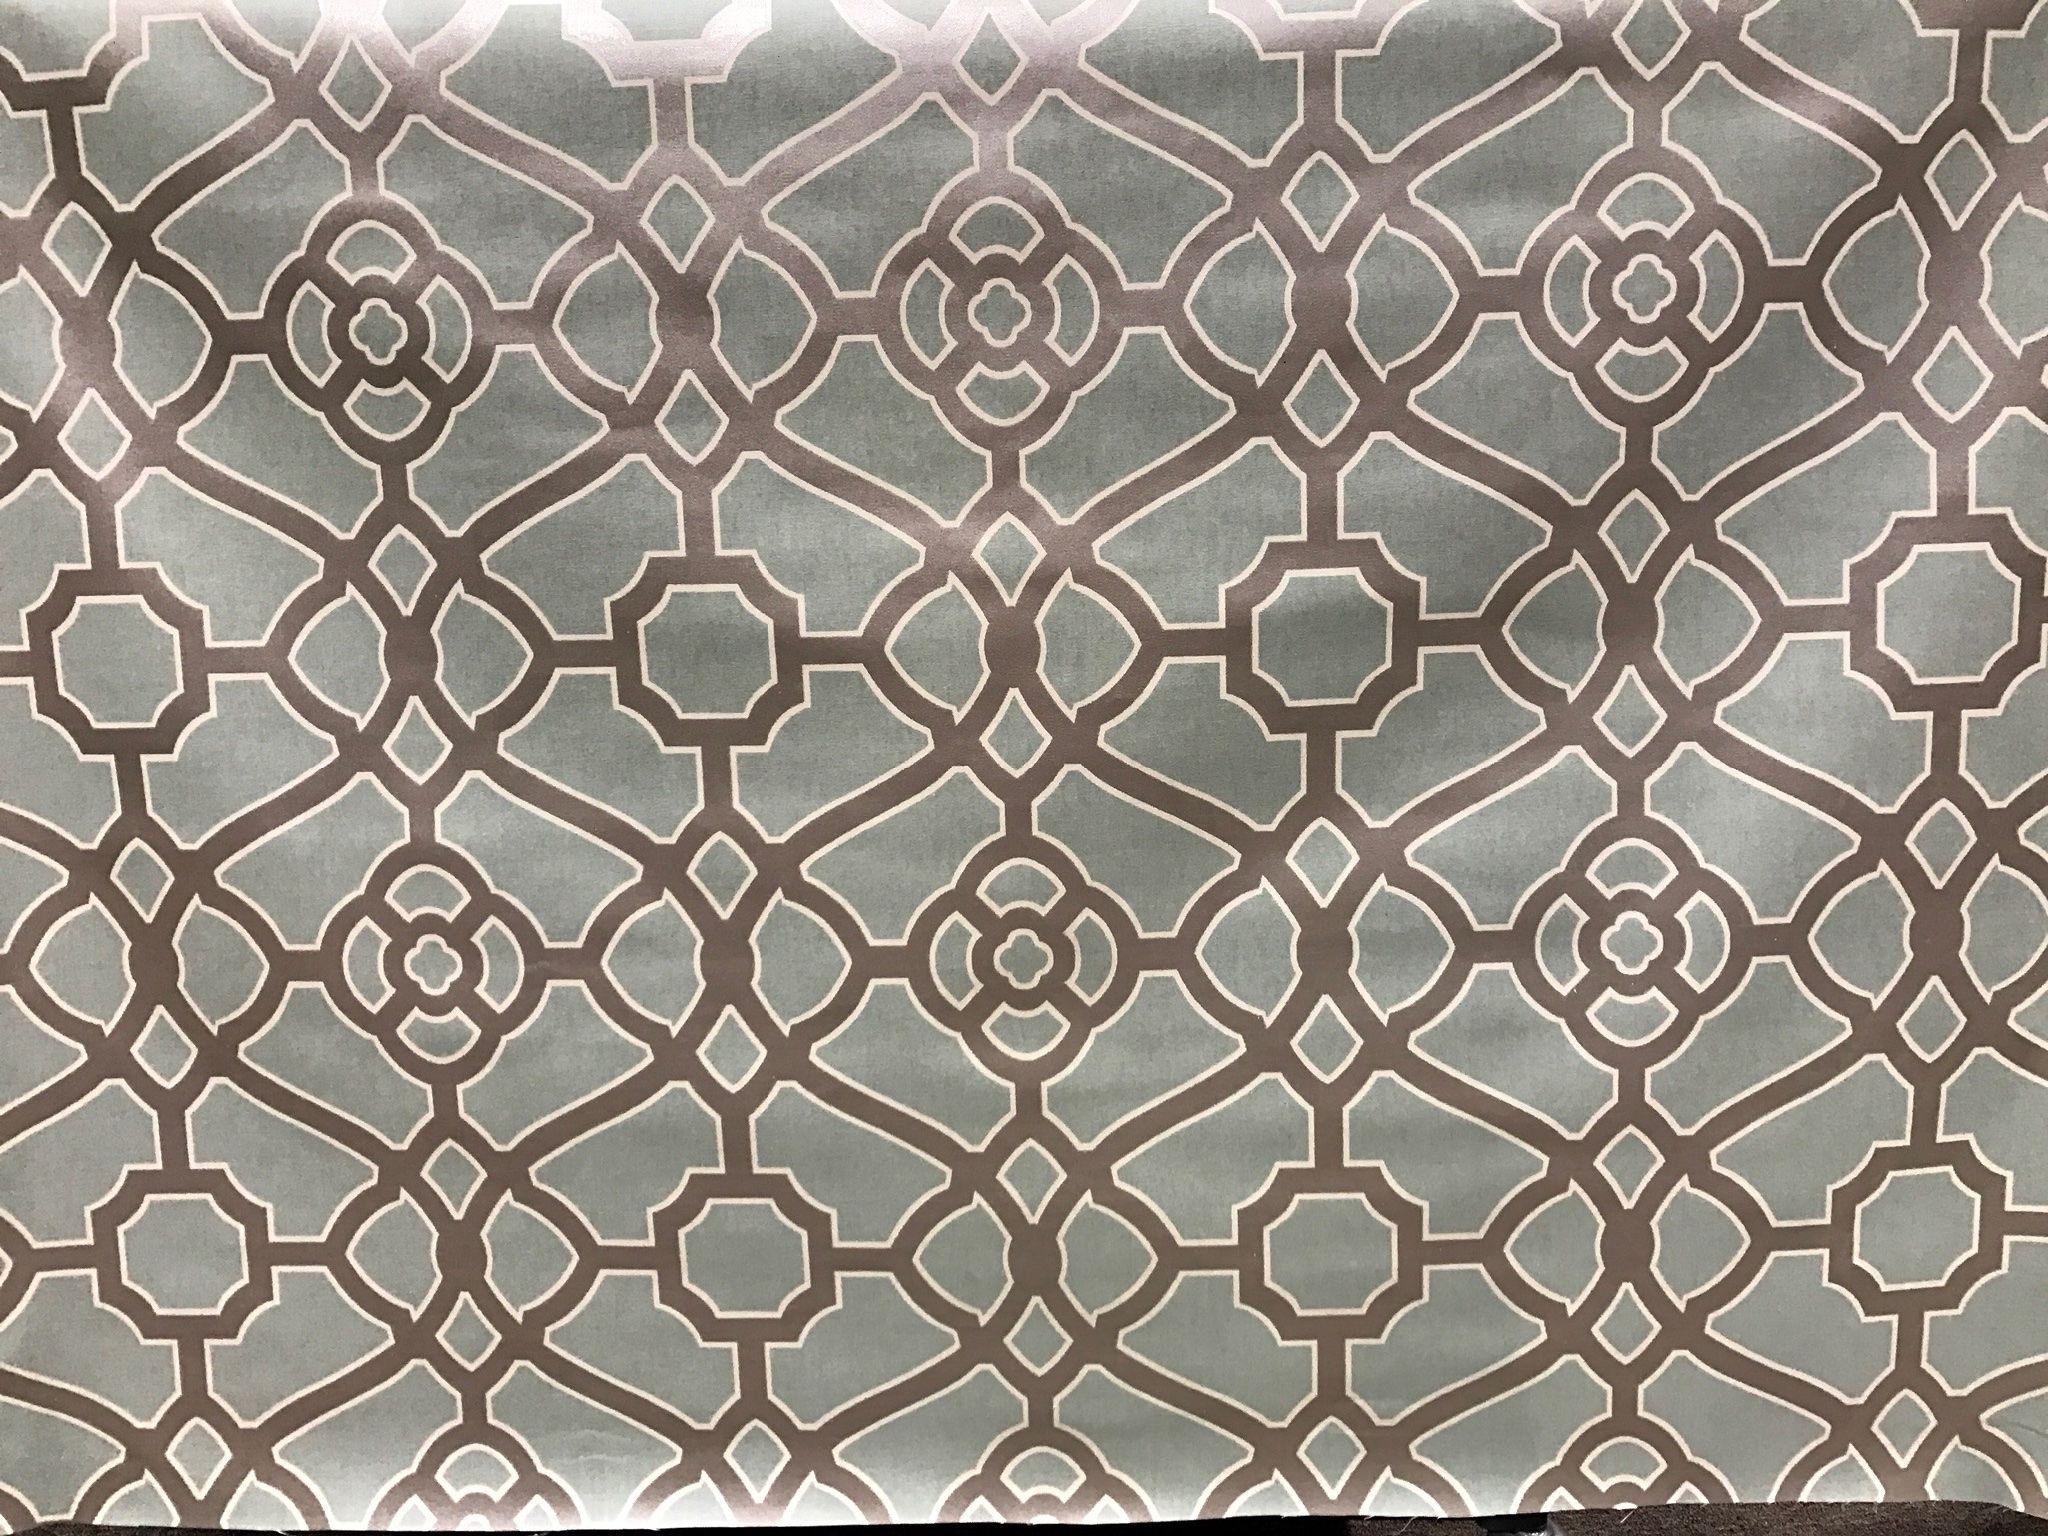 U Fab Fabric Order At 804 888 8322 Icloud Photo Sharing